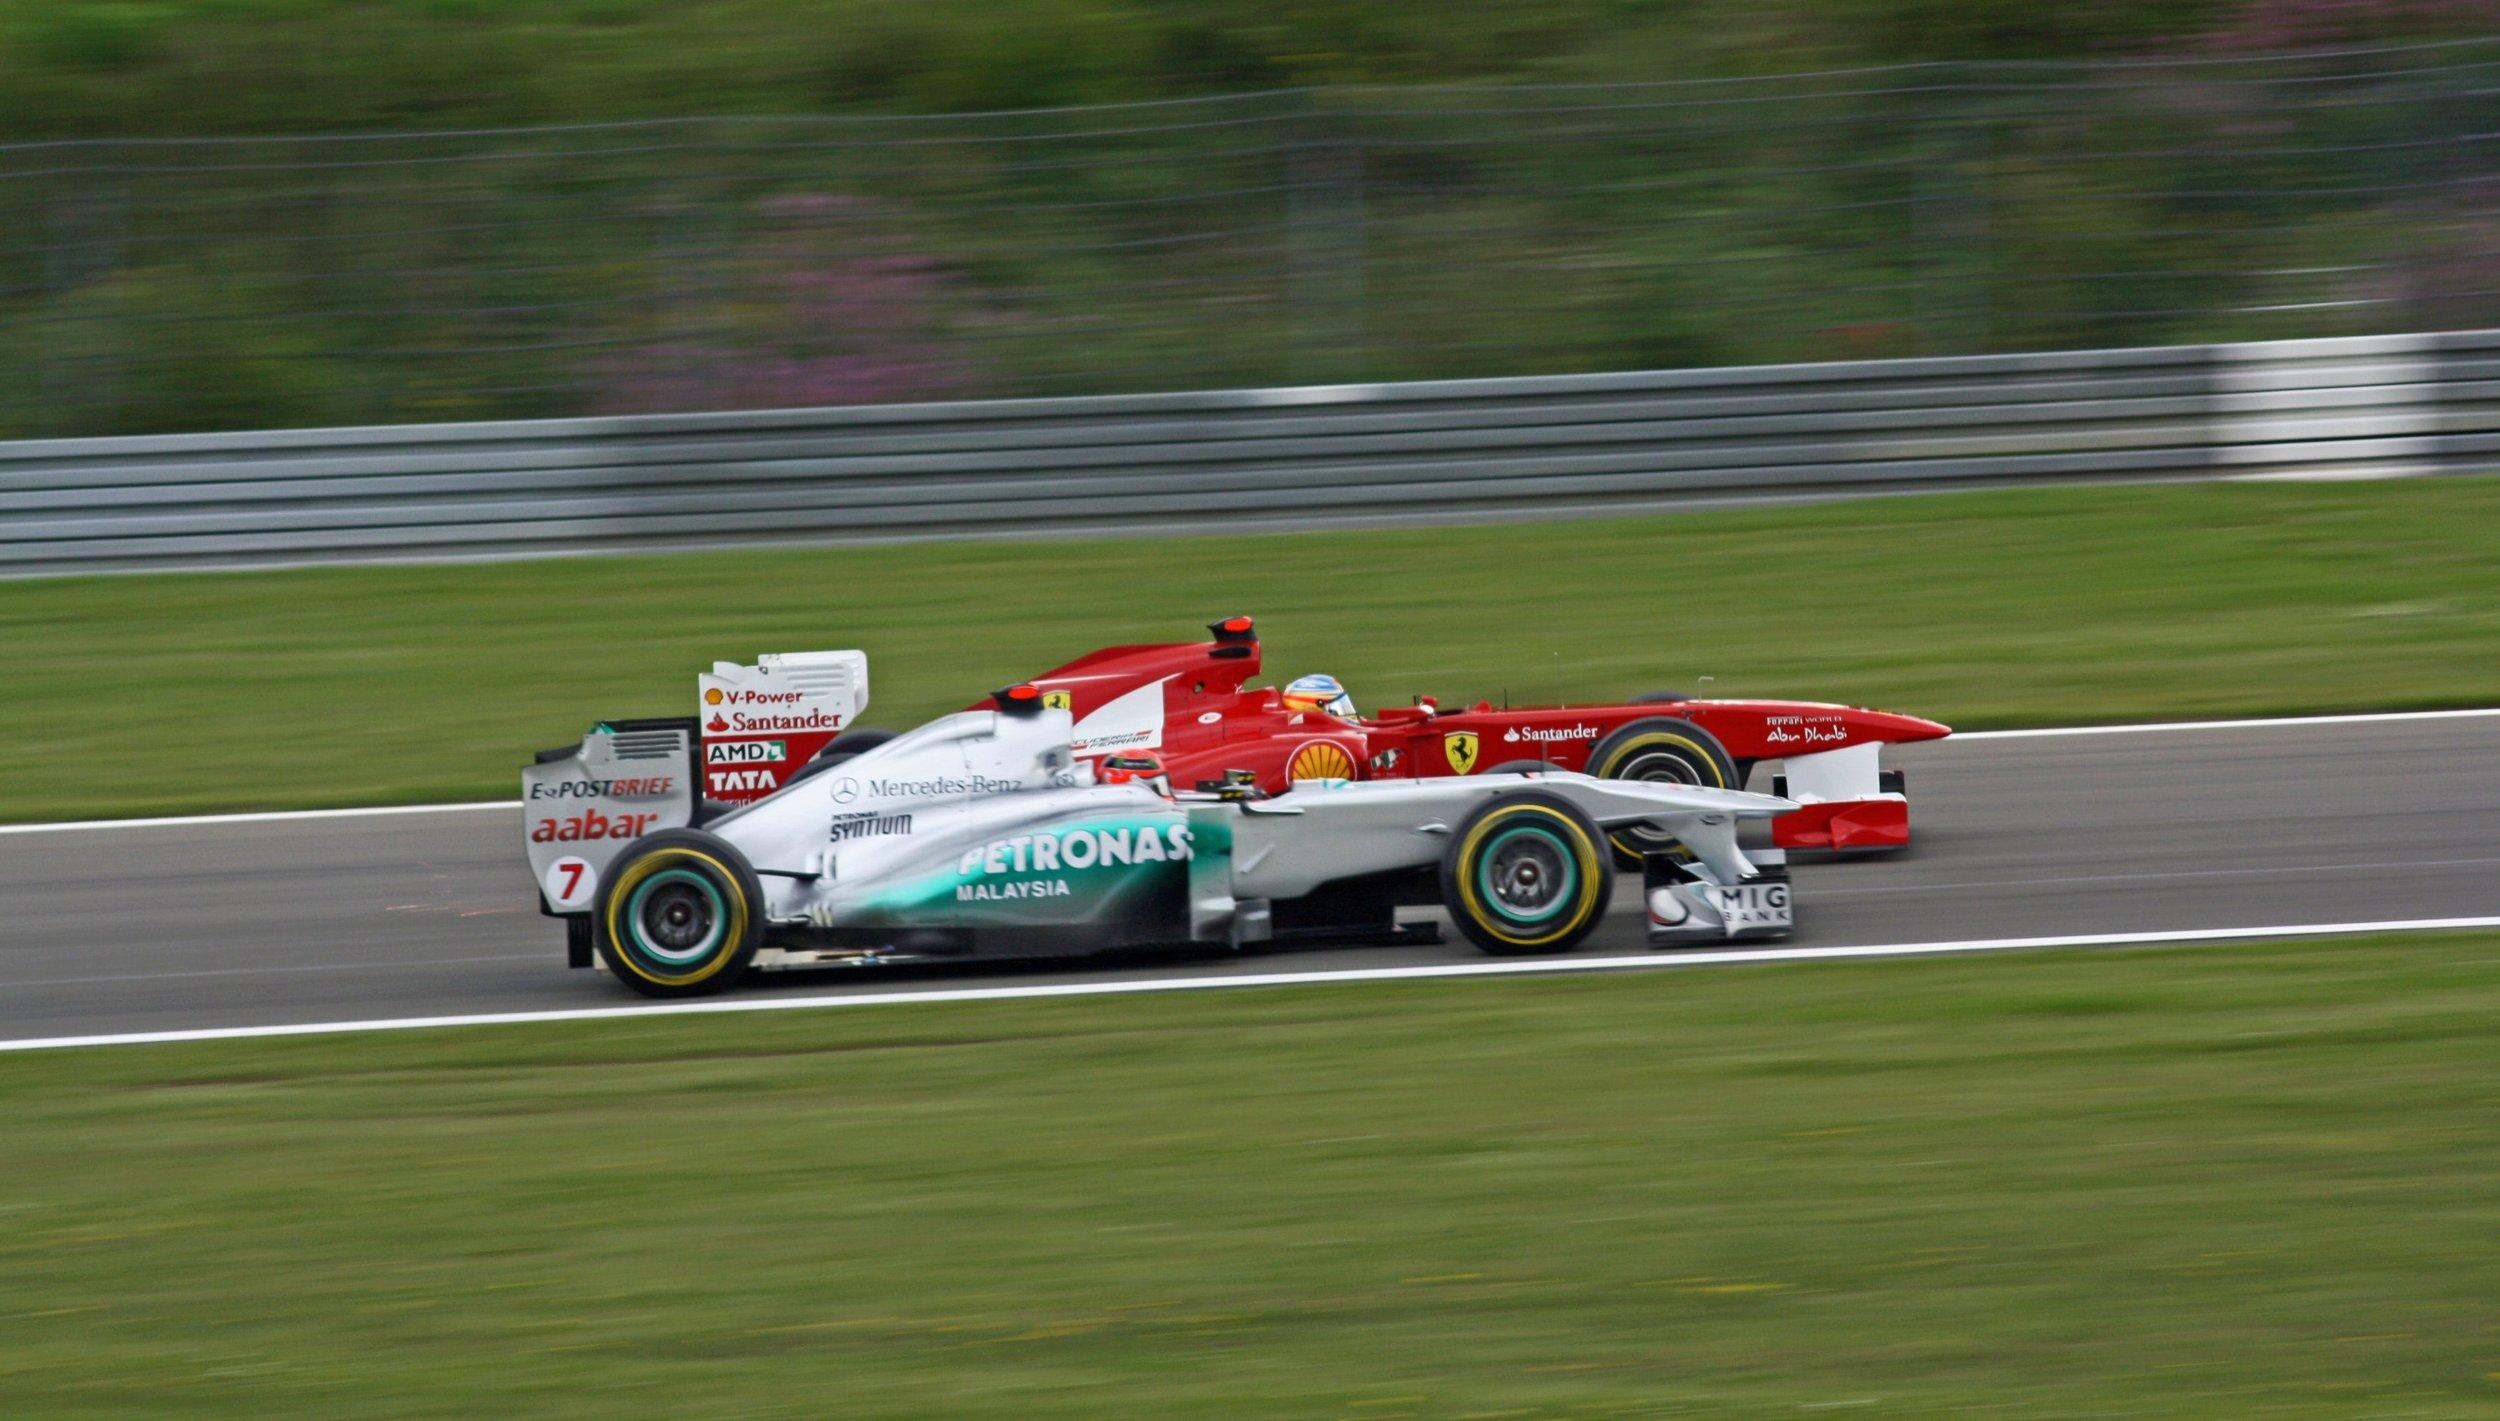 F1-Car-1.jpg